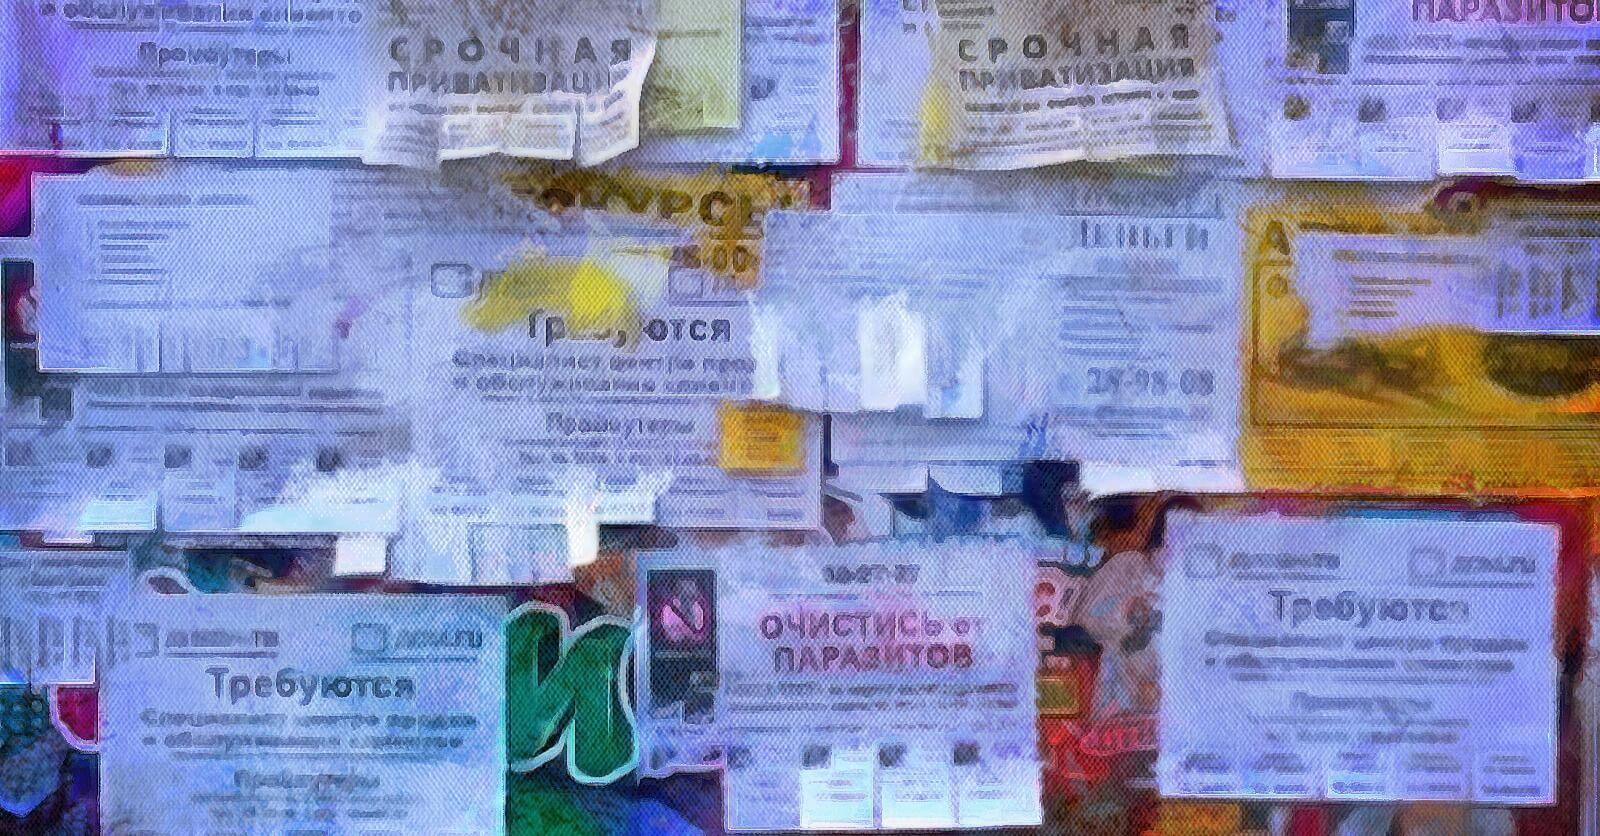 Как распознать фейковые страницы объявлений по сдаче квартир в аренду на сайтах типа Авито и Домофонд